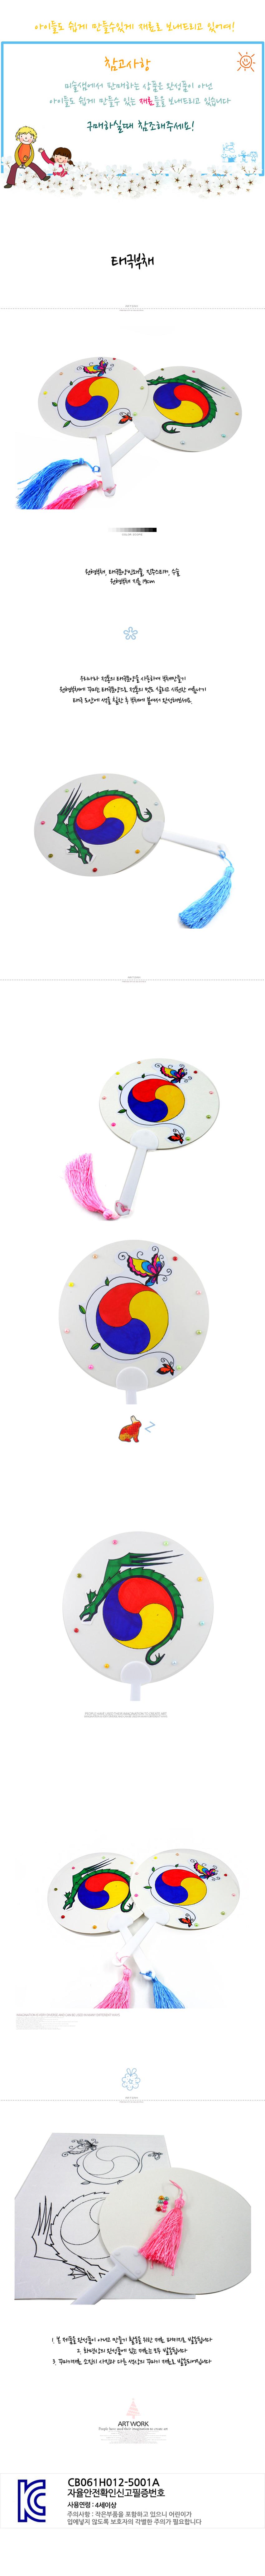 태극부채 5인용 - 미술샘, 6,000원, 종이공예/북아트, 종이공예 패키지